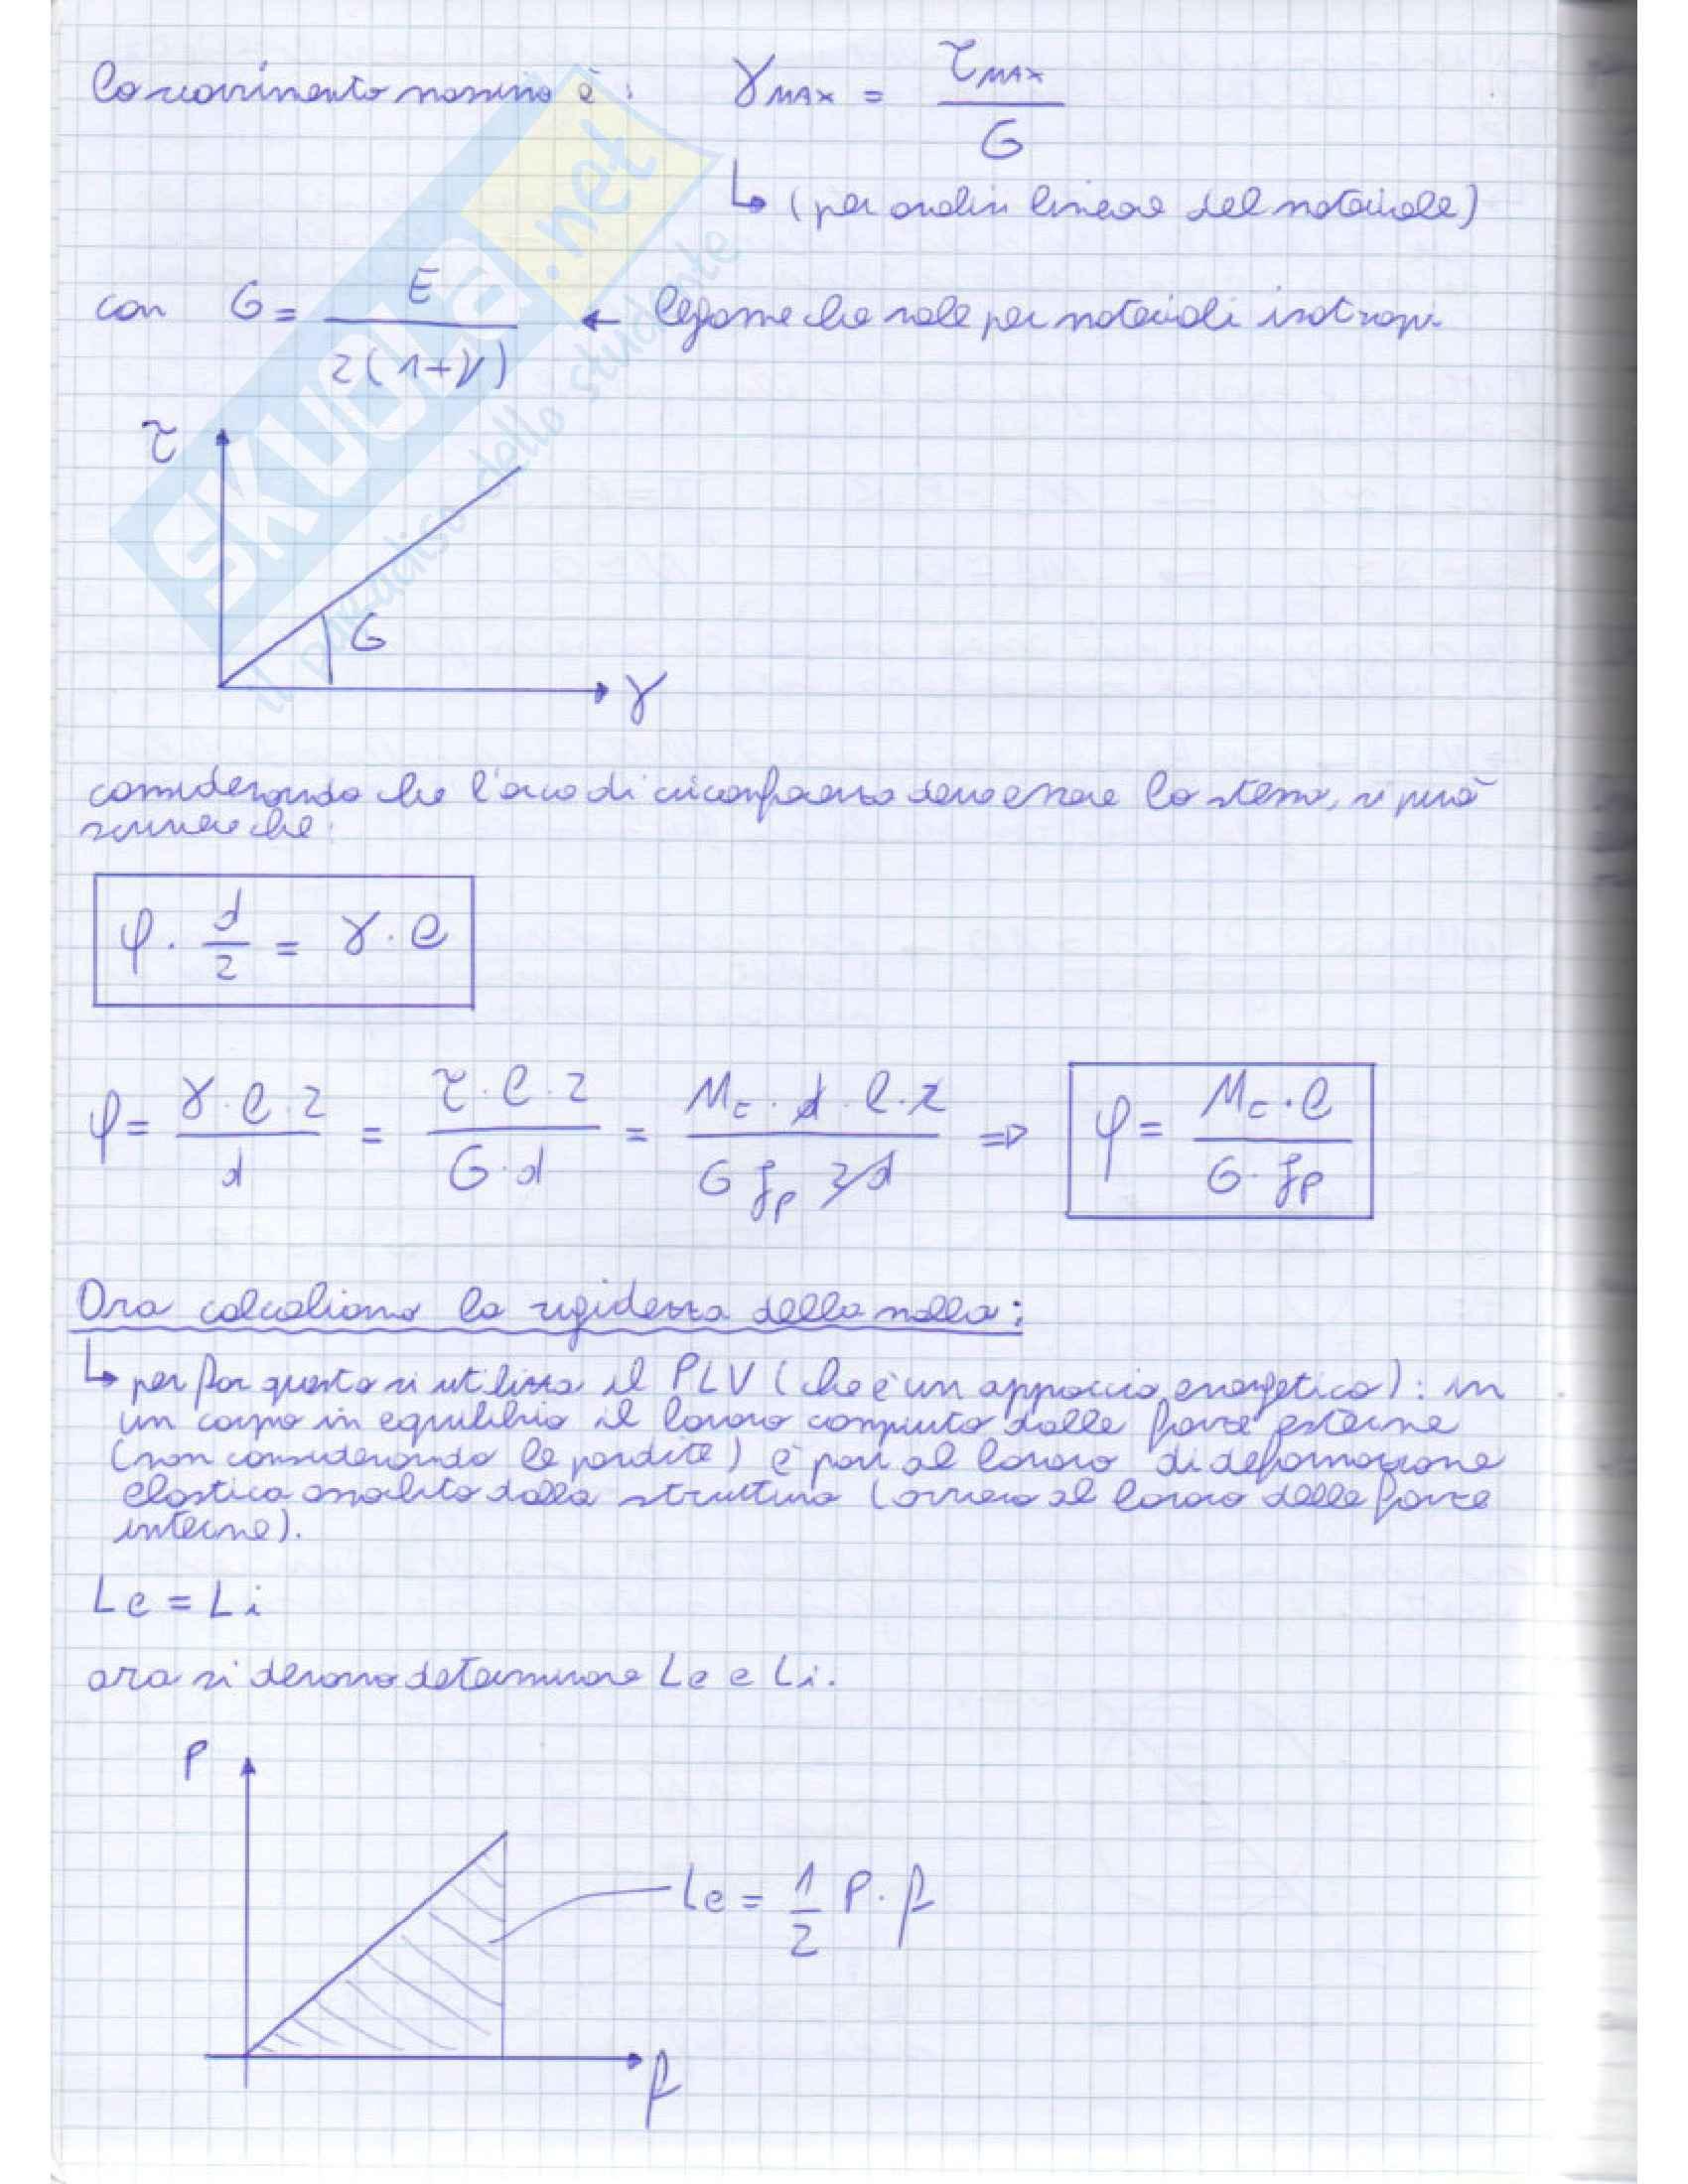 Costruzione di macchine 2 - Appunti Pag. 6